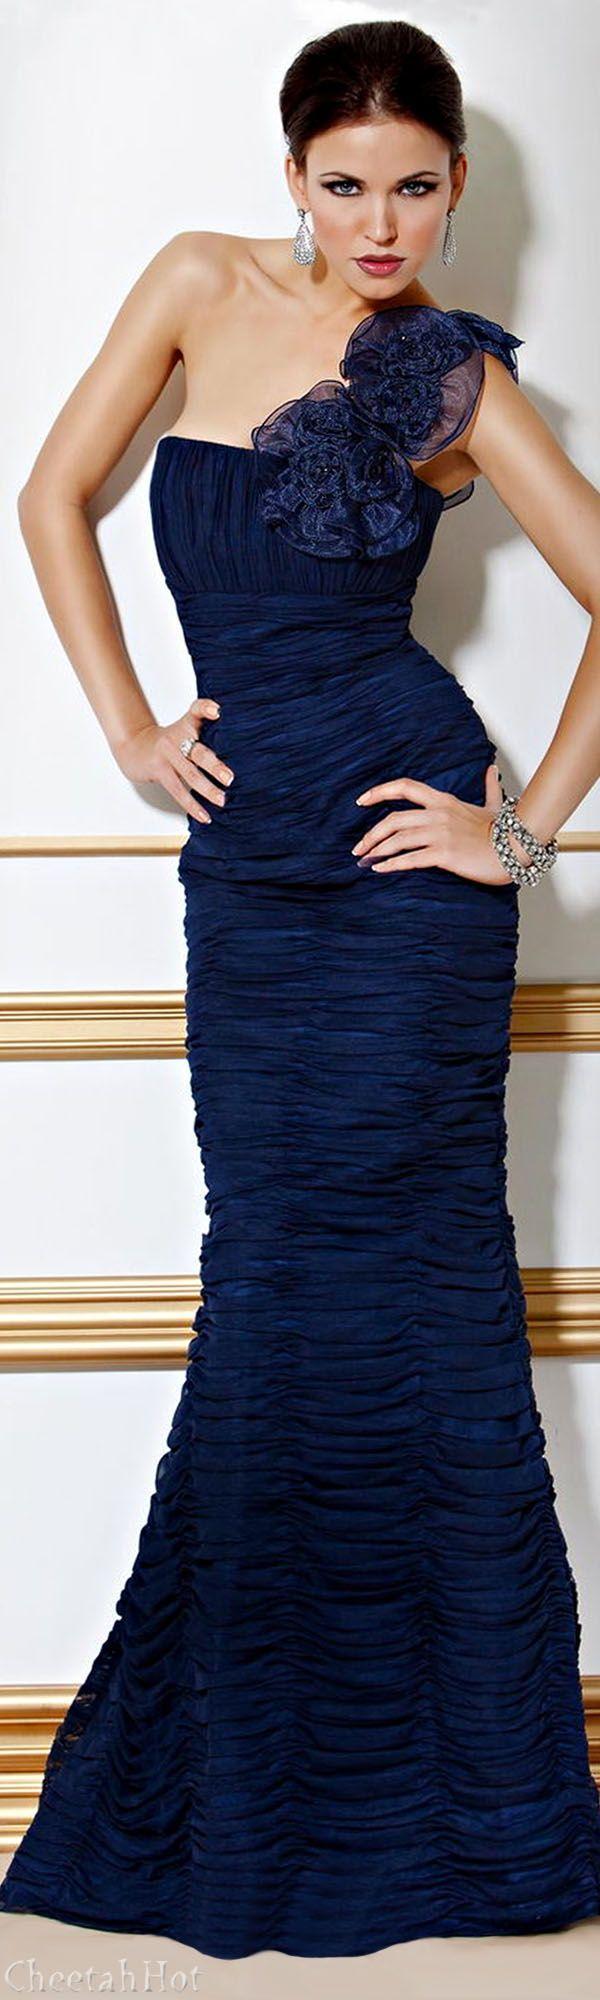 Свадьба - Платья Красивые Голубые......